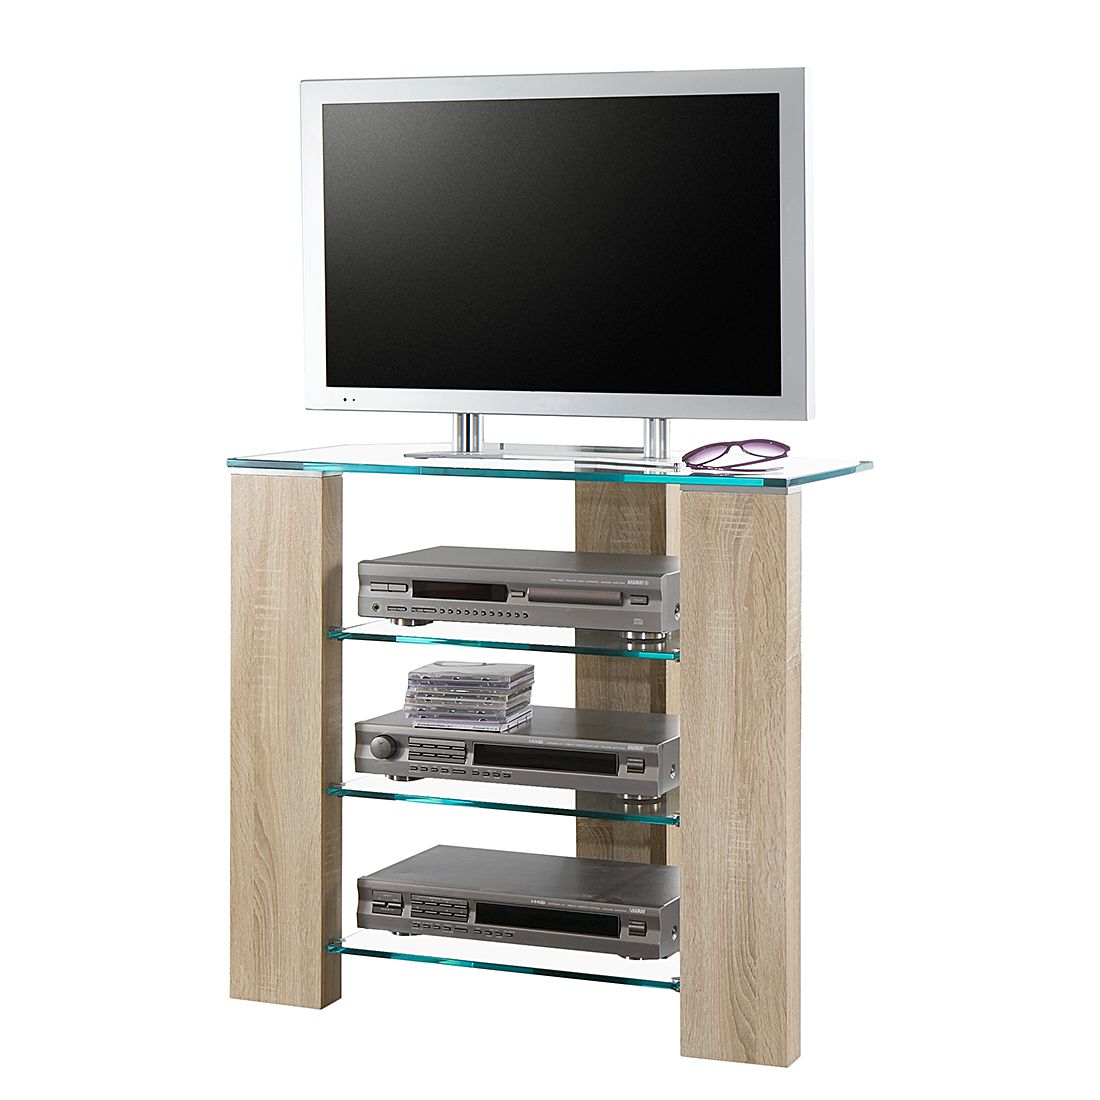 ensemble de meubles tv modern art – Artzeincom -> Meuble Tv Modern Art